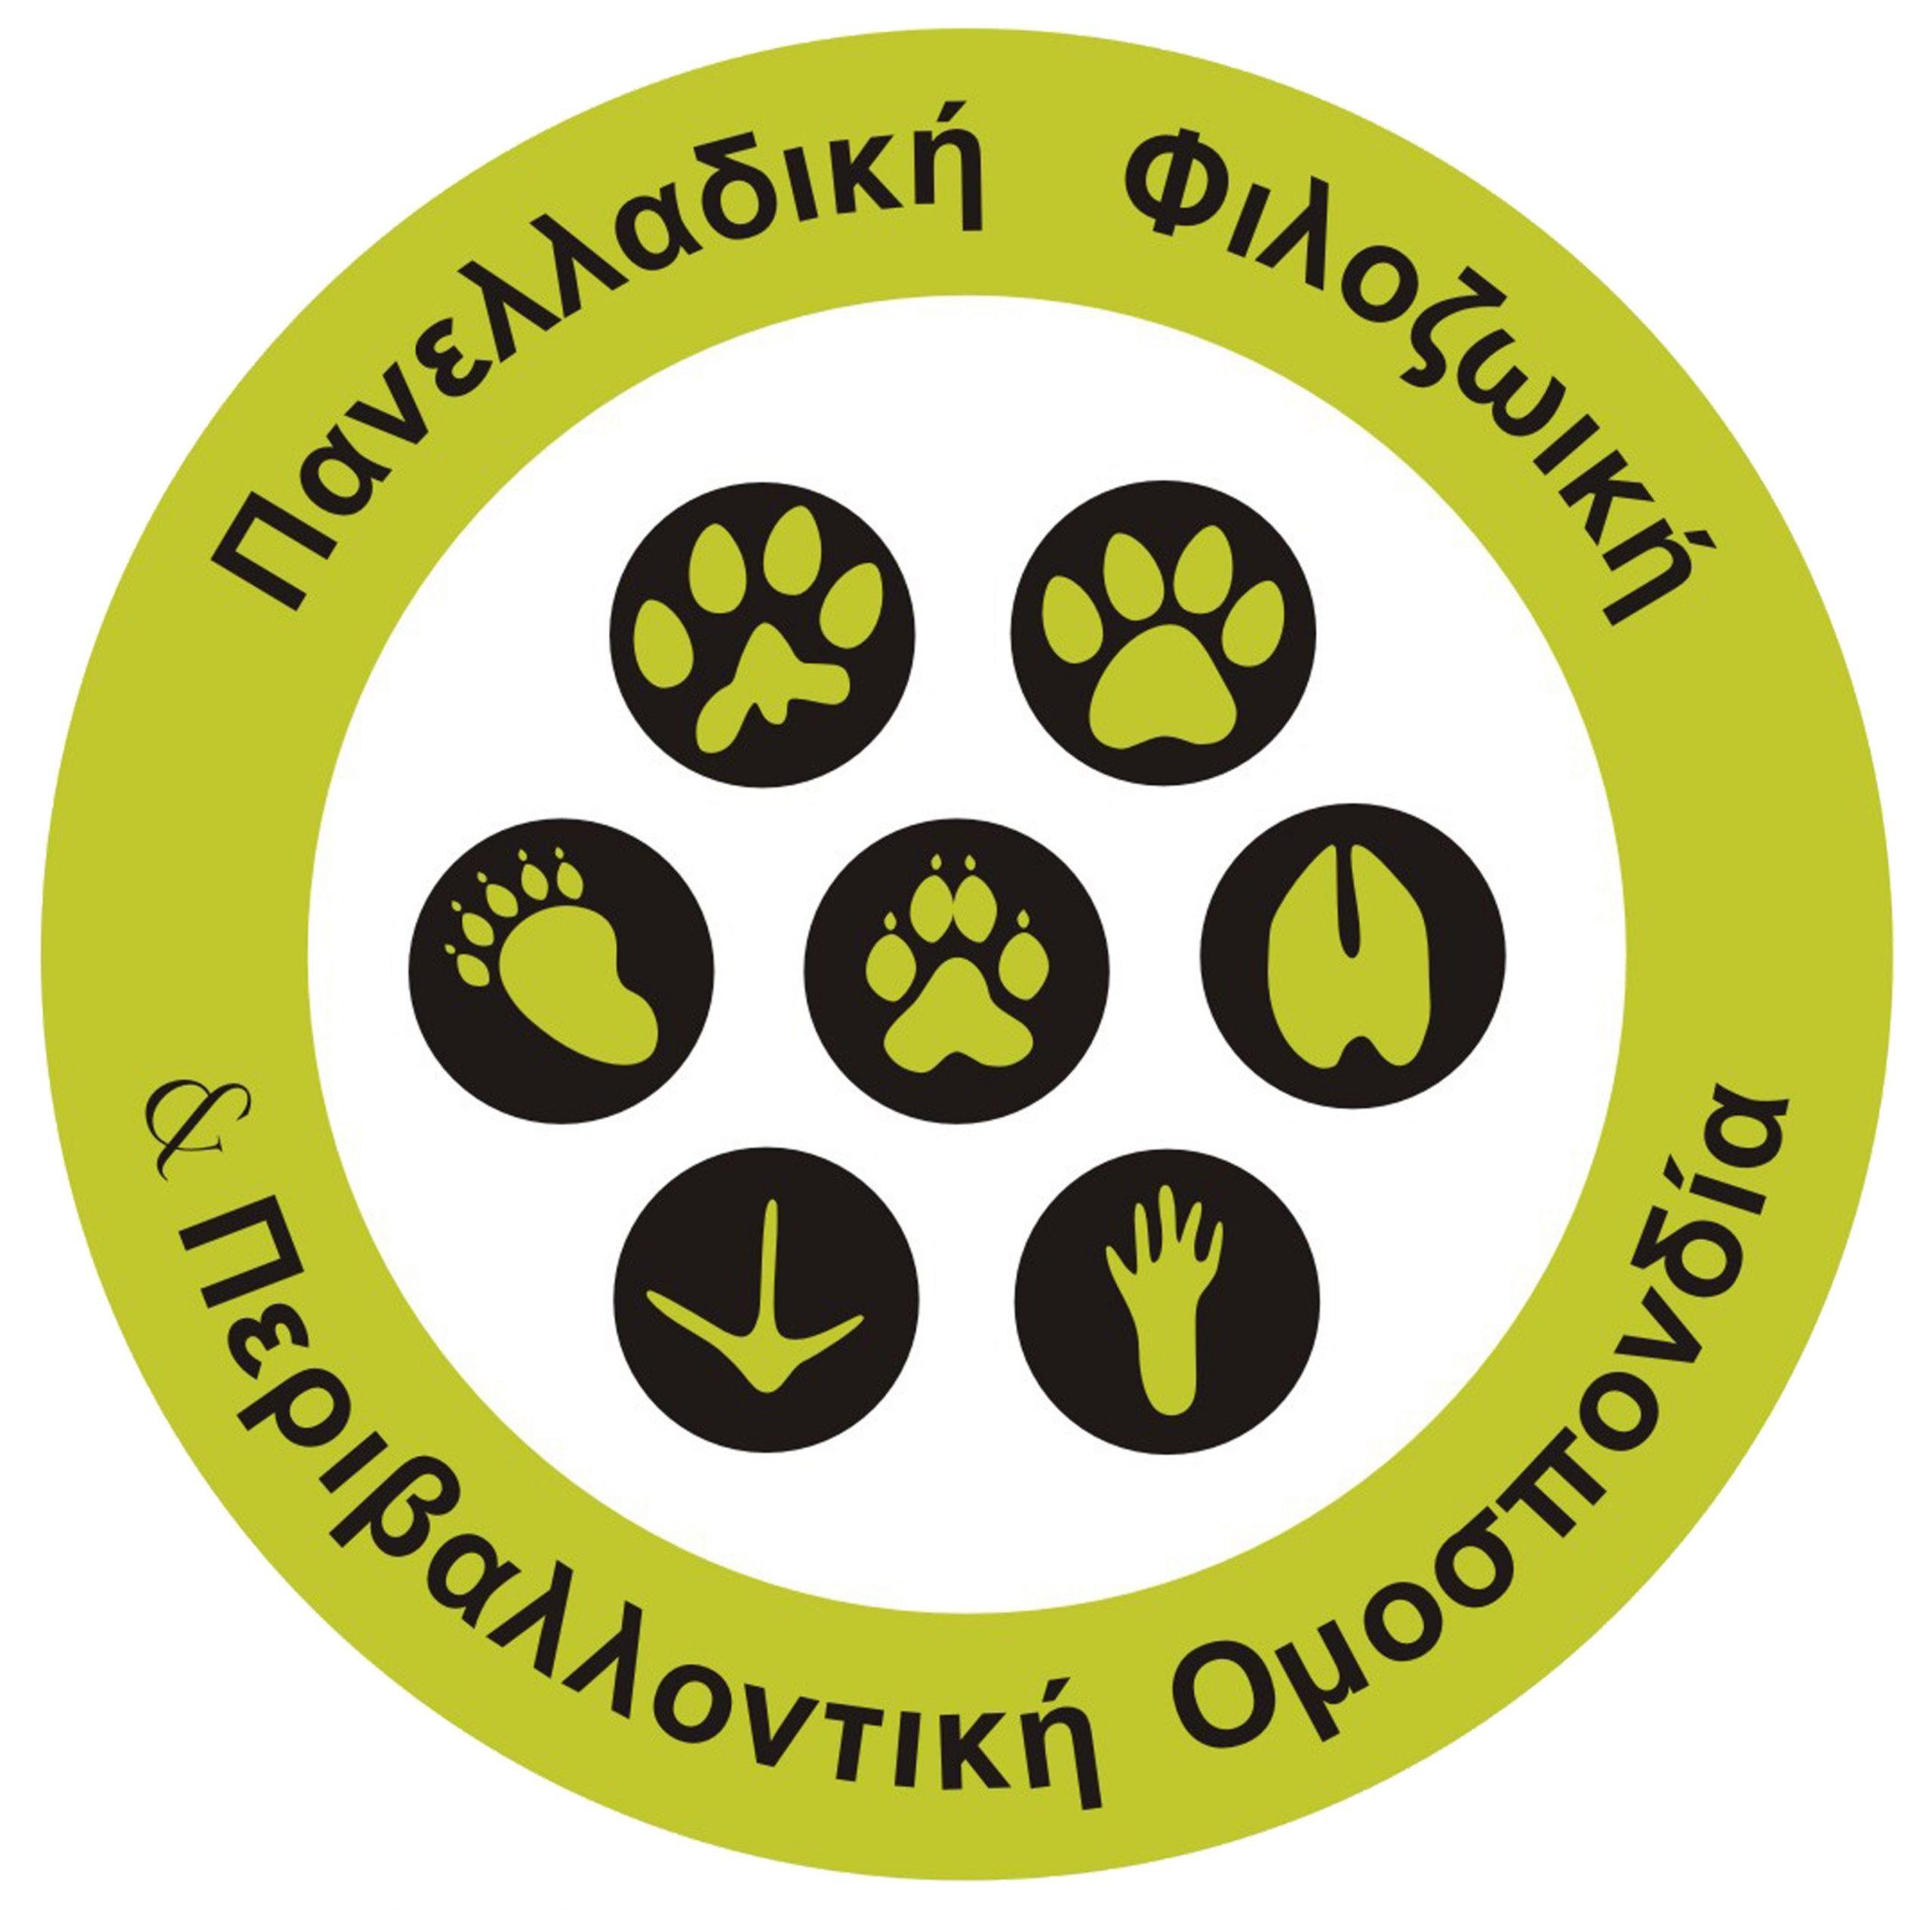 Π.Φ.Π.Ο. Πανελλαδική Φιλοζωική και Περιβαλλοντική Ομοσπονδία